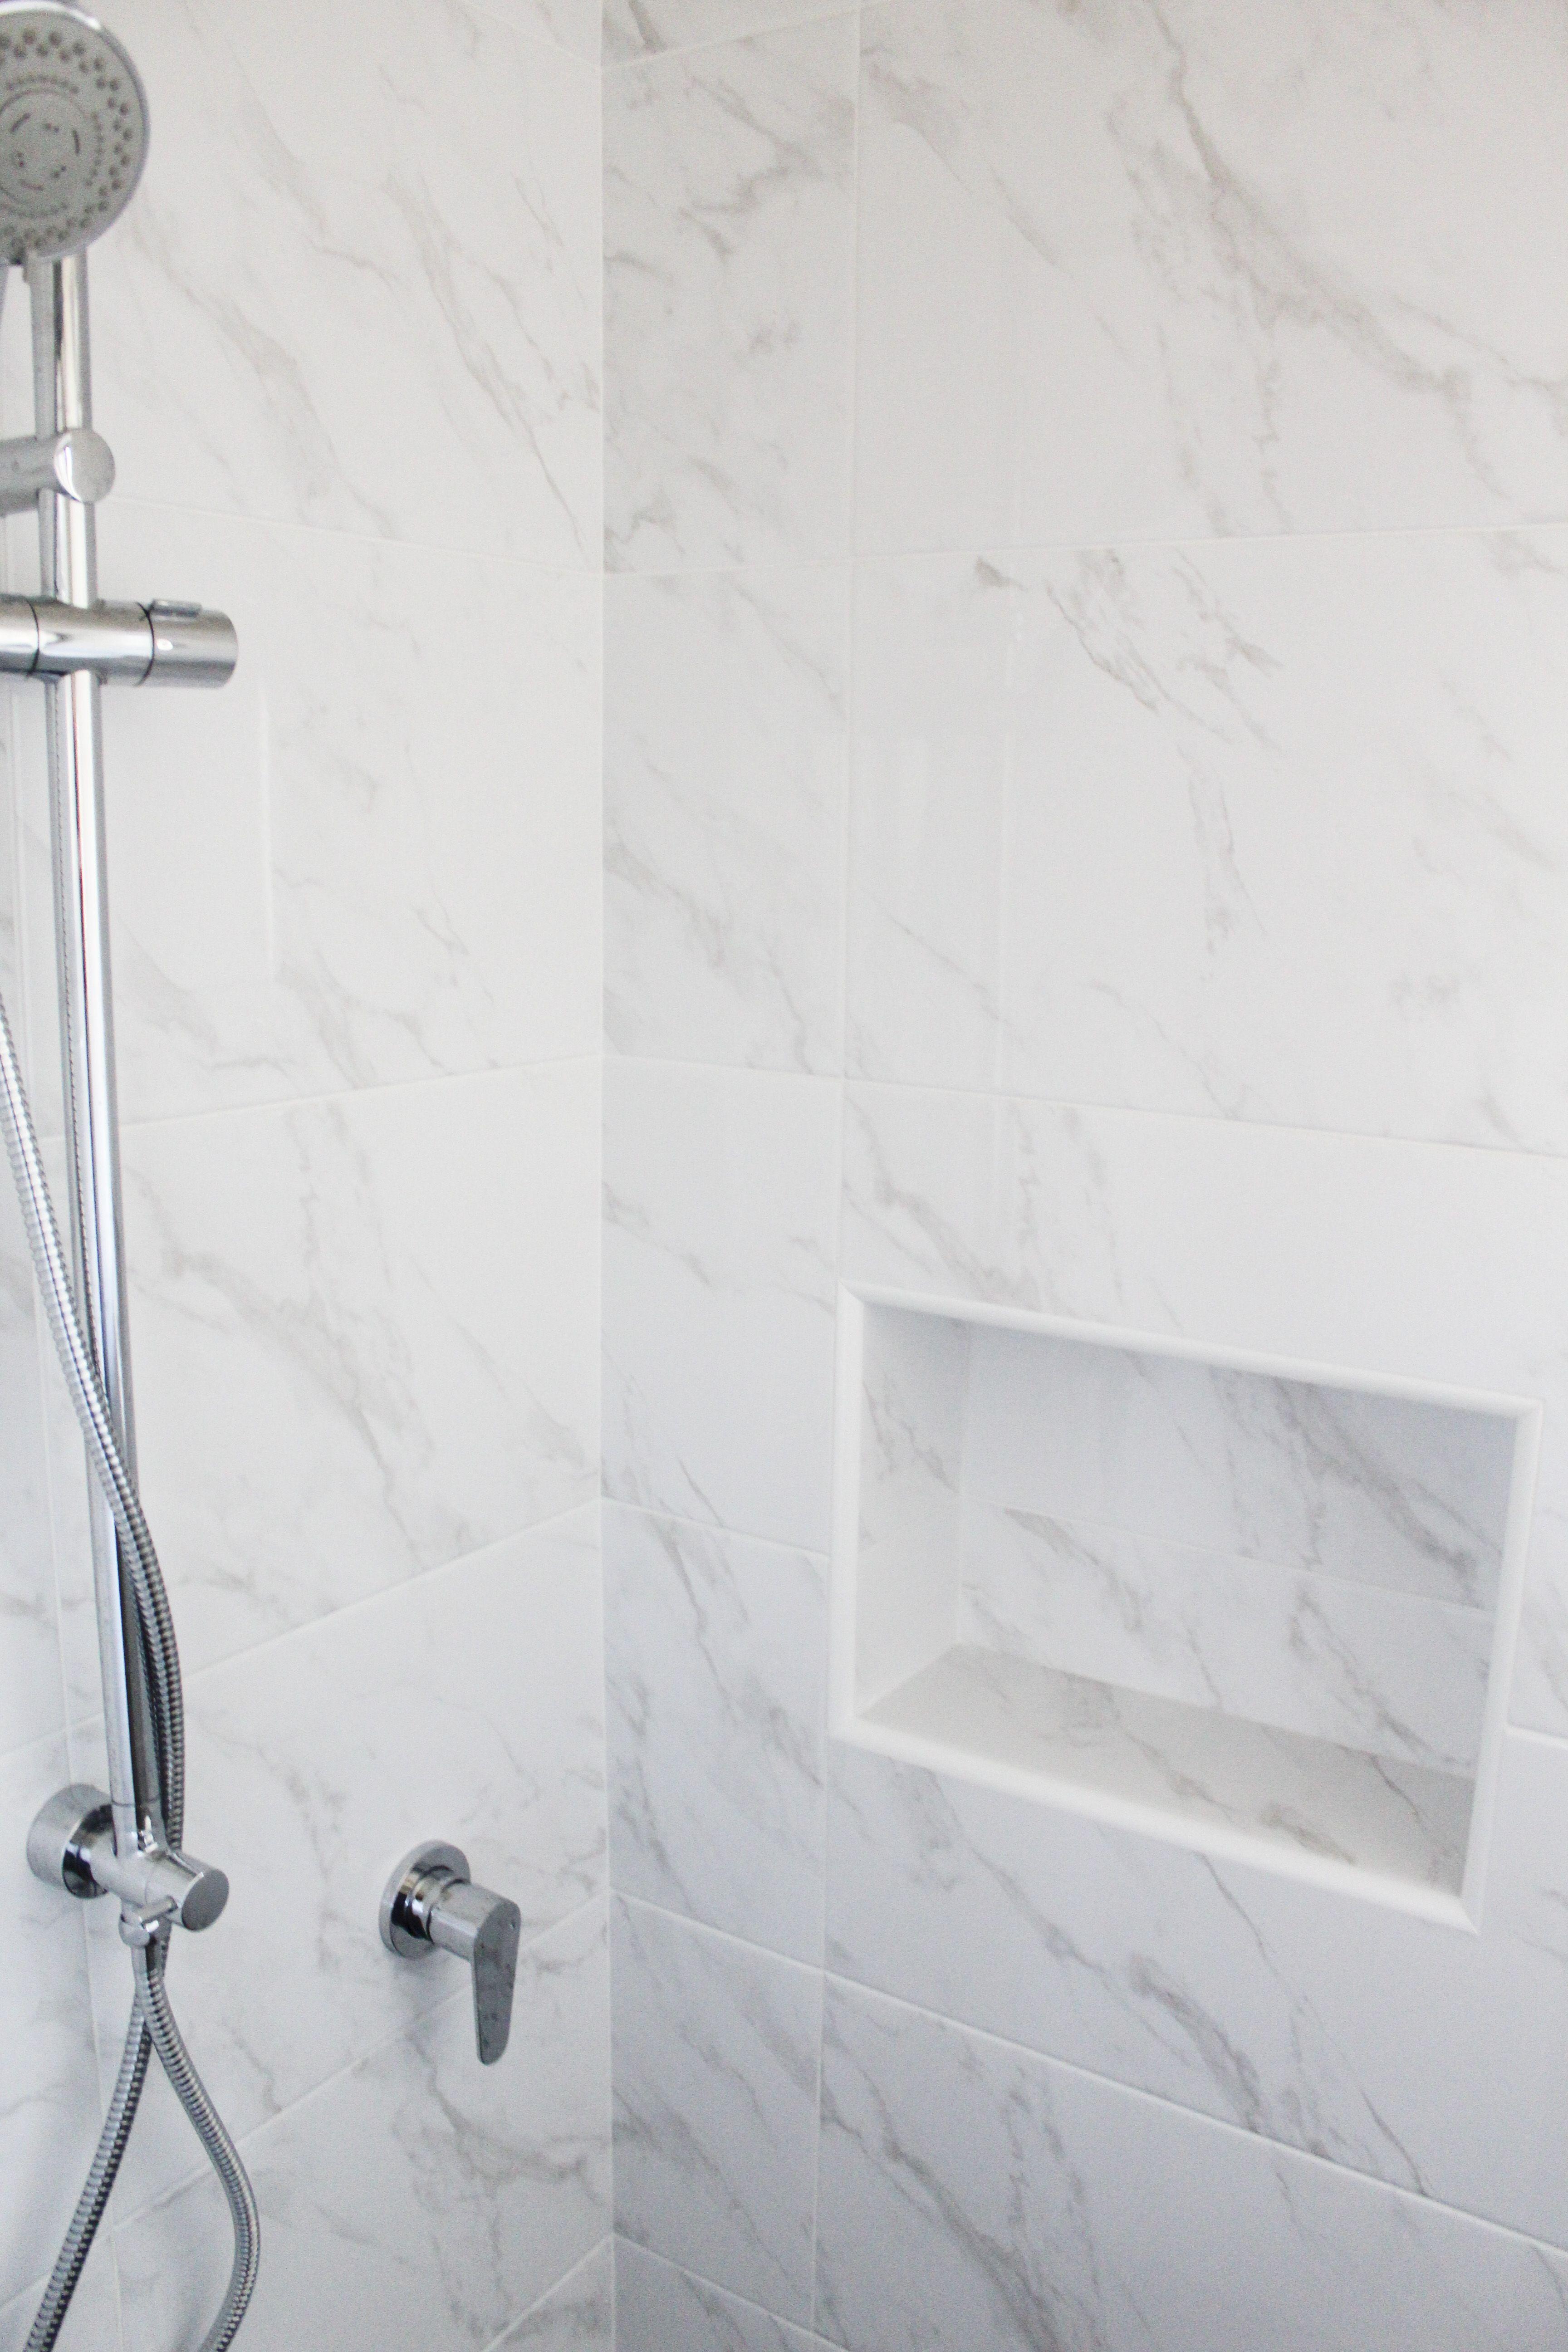 All Tiles Shower Recess Shower Niche Marble Shower Recess Shower